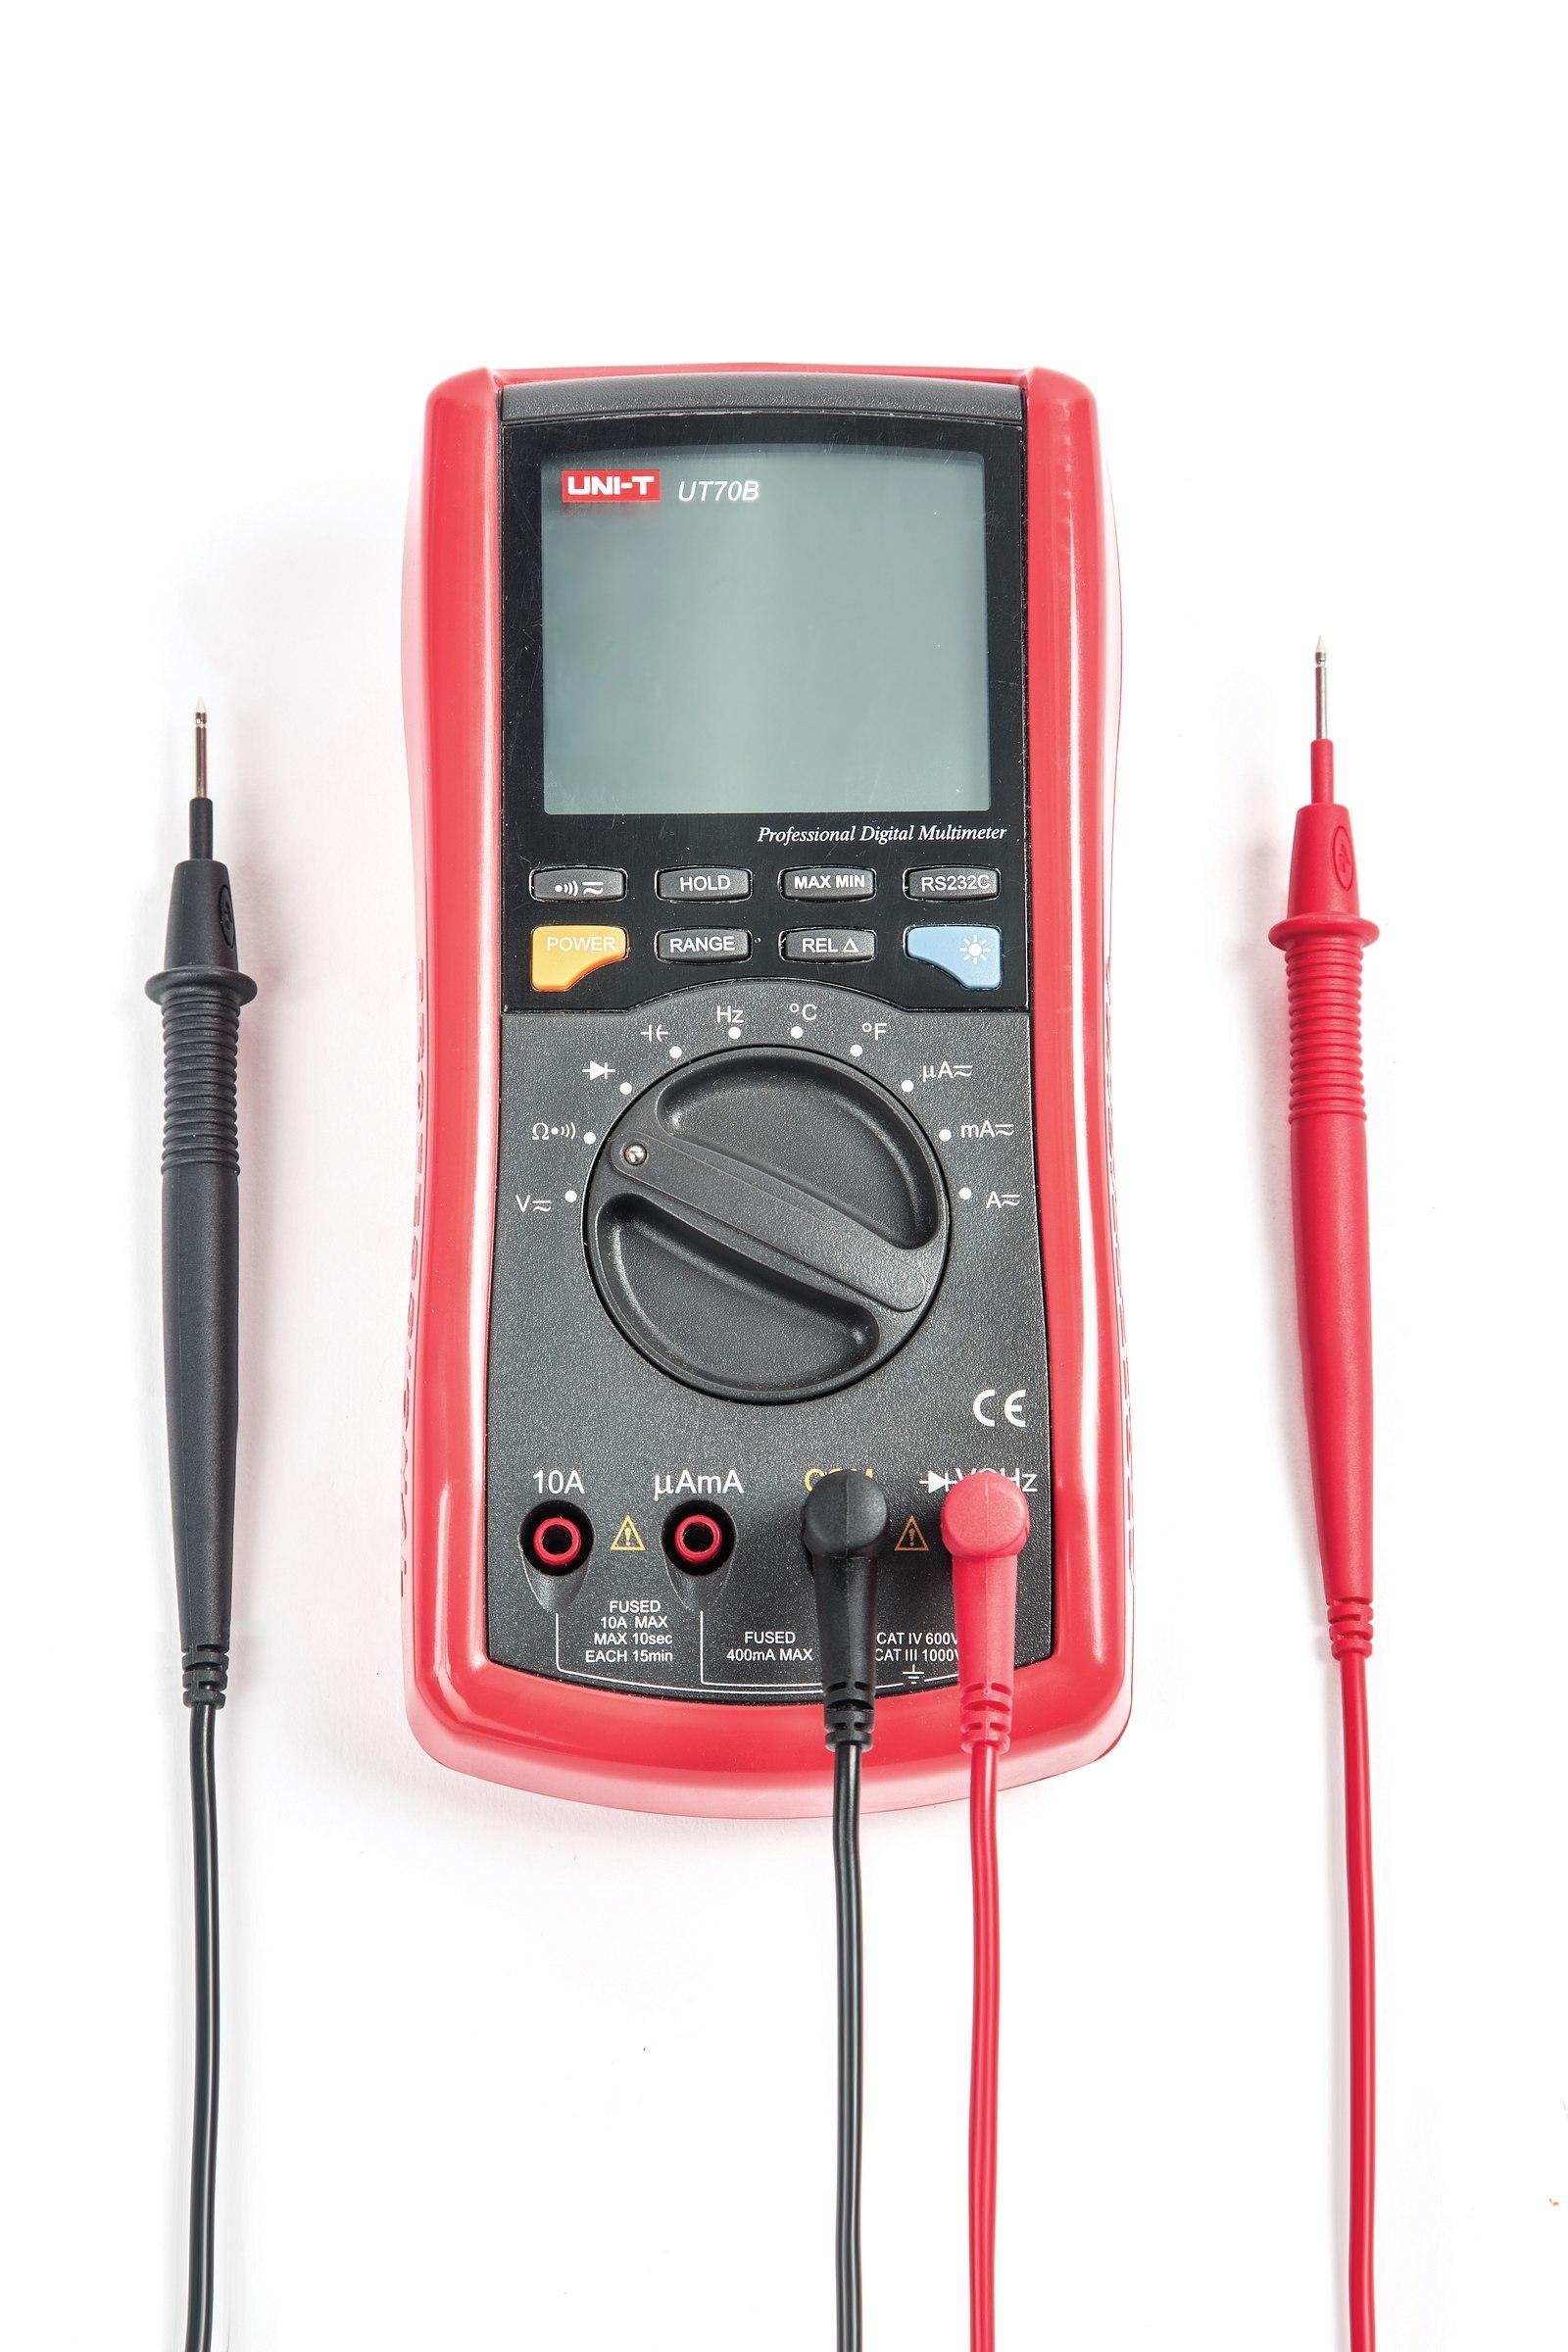 Multimeter Basics: Measuring Voltage, Resistance, and Current